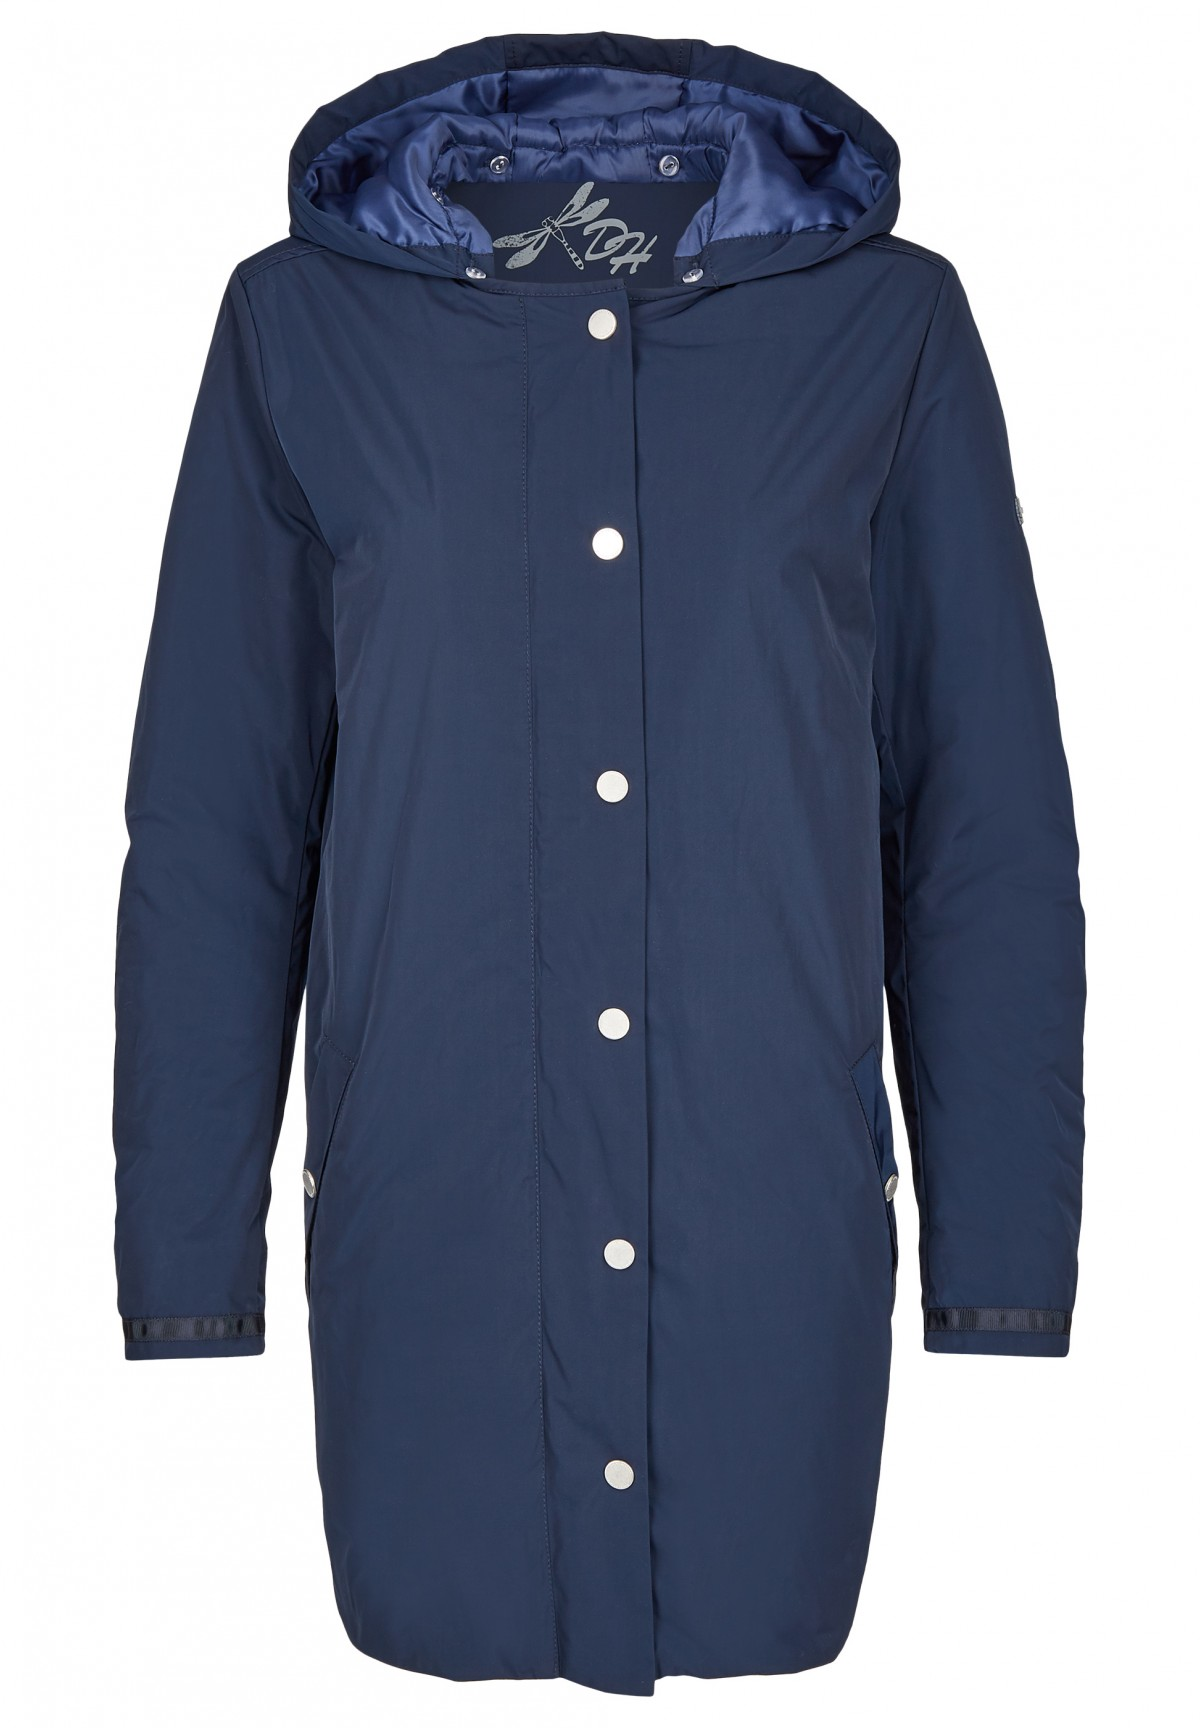 Modische Übergangsjacke / Padded Coat